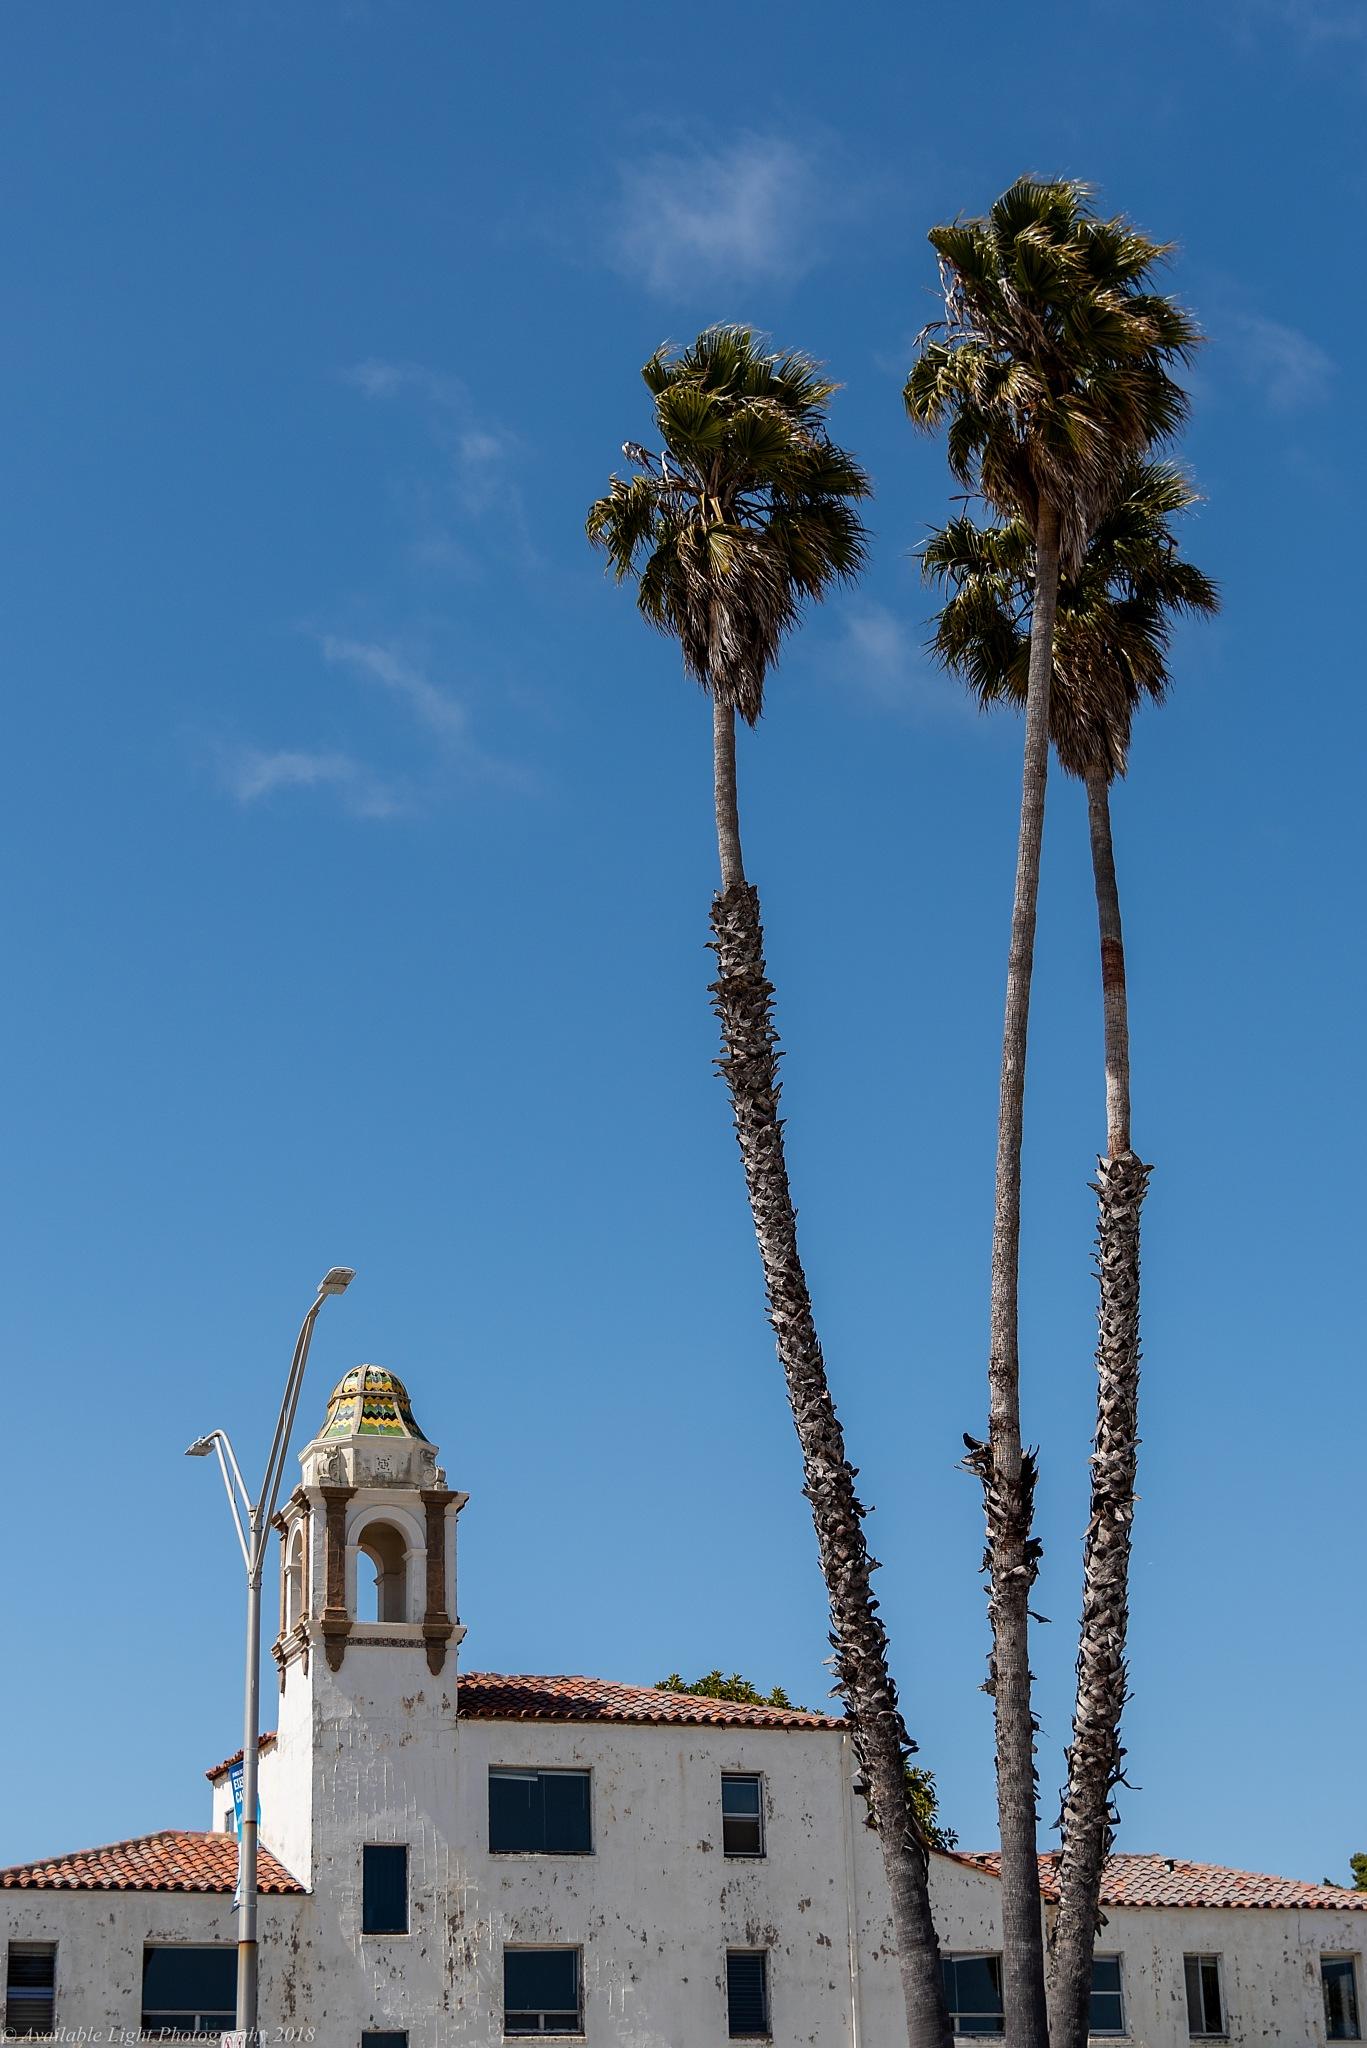 Santa Cruz Main Beach by Available Light Photography